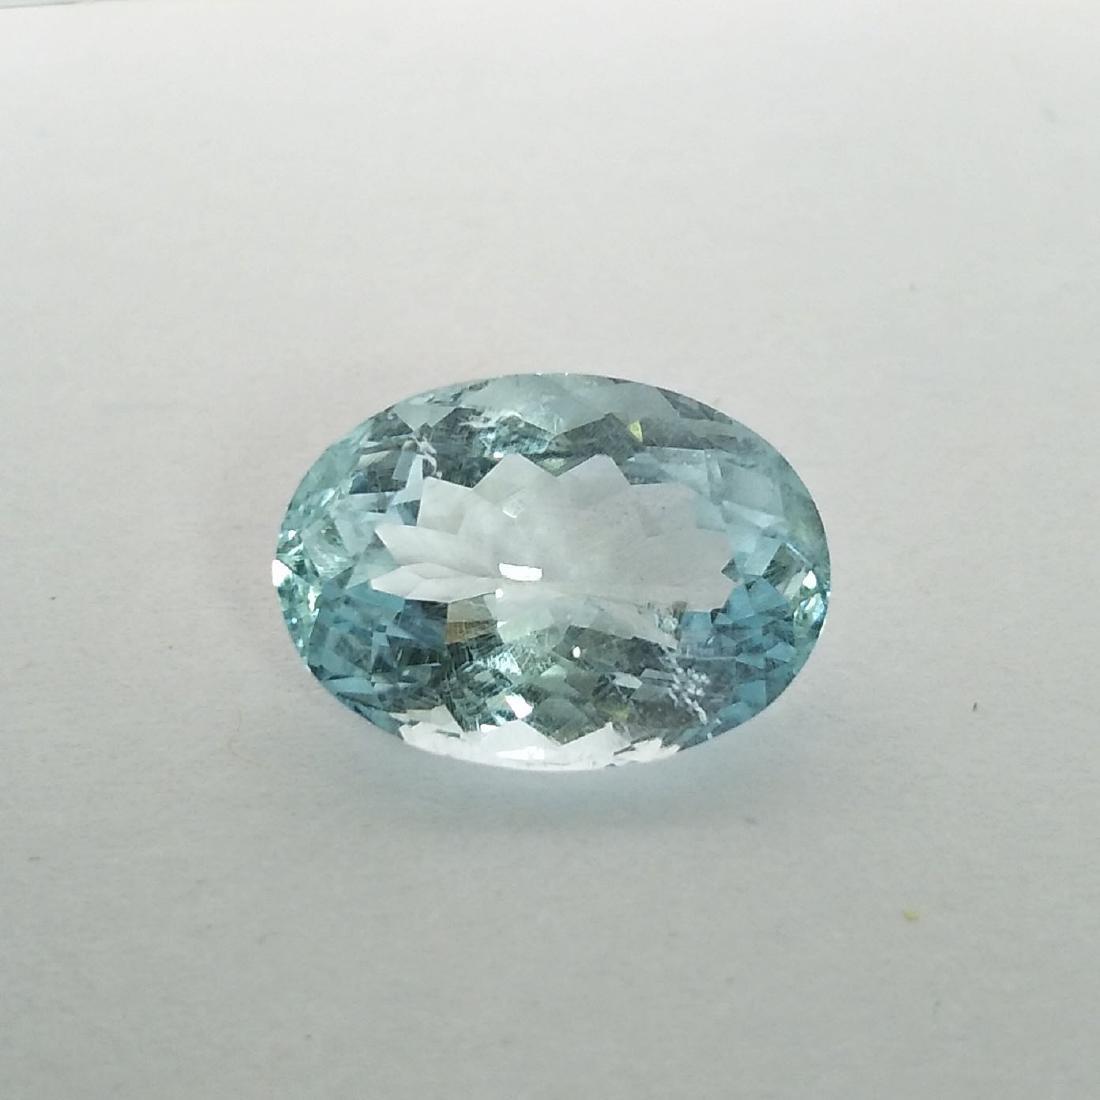 Aquamarine - 5.93 ct